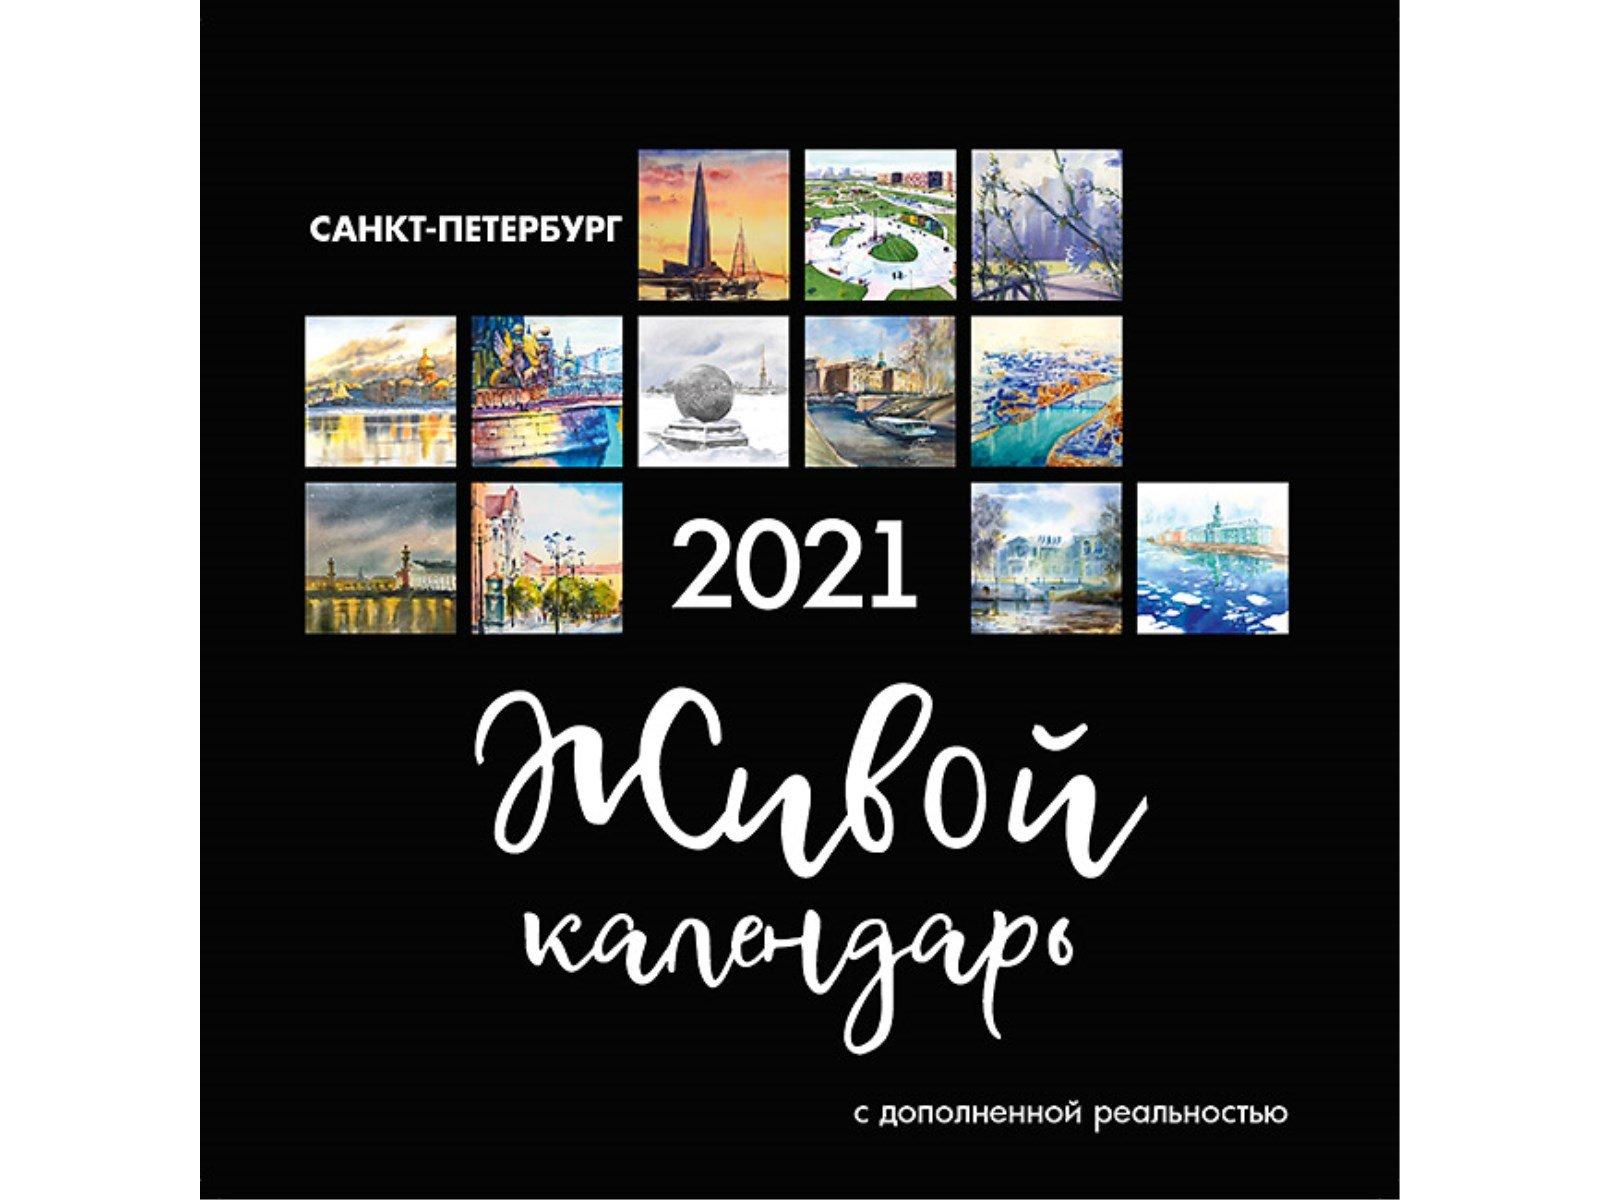 Живой календарь на 2021 год с дополненной реальностью «Петербург»